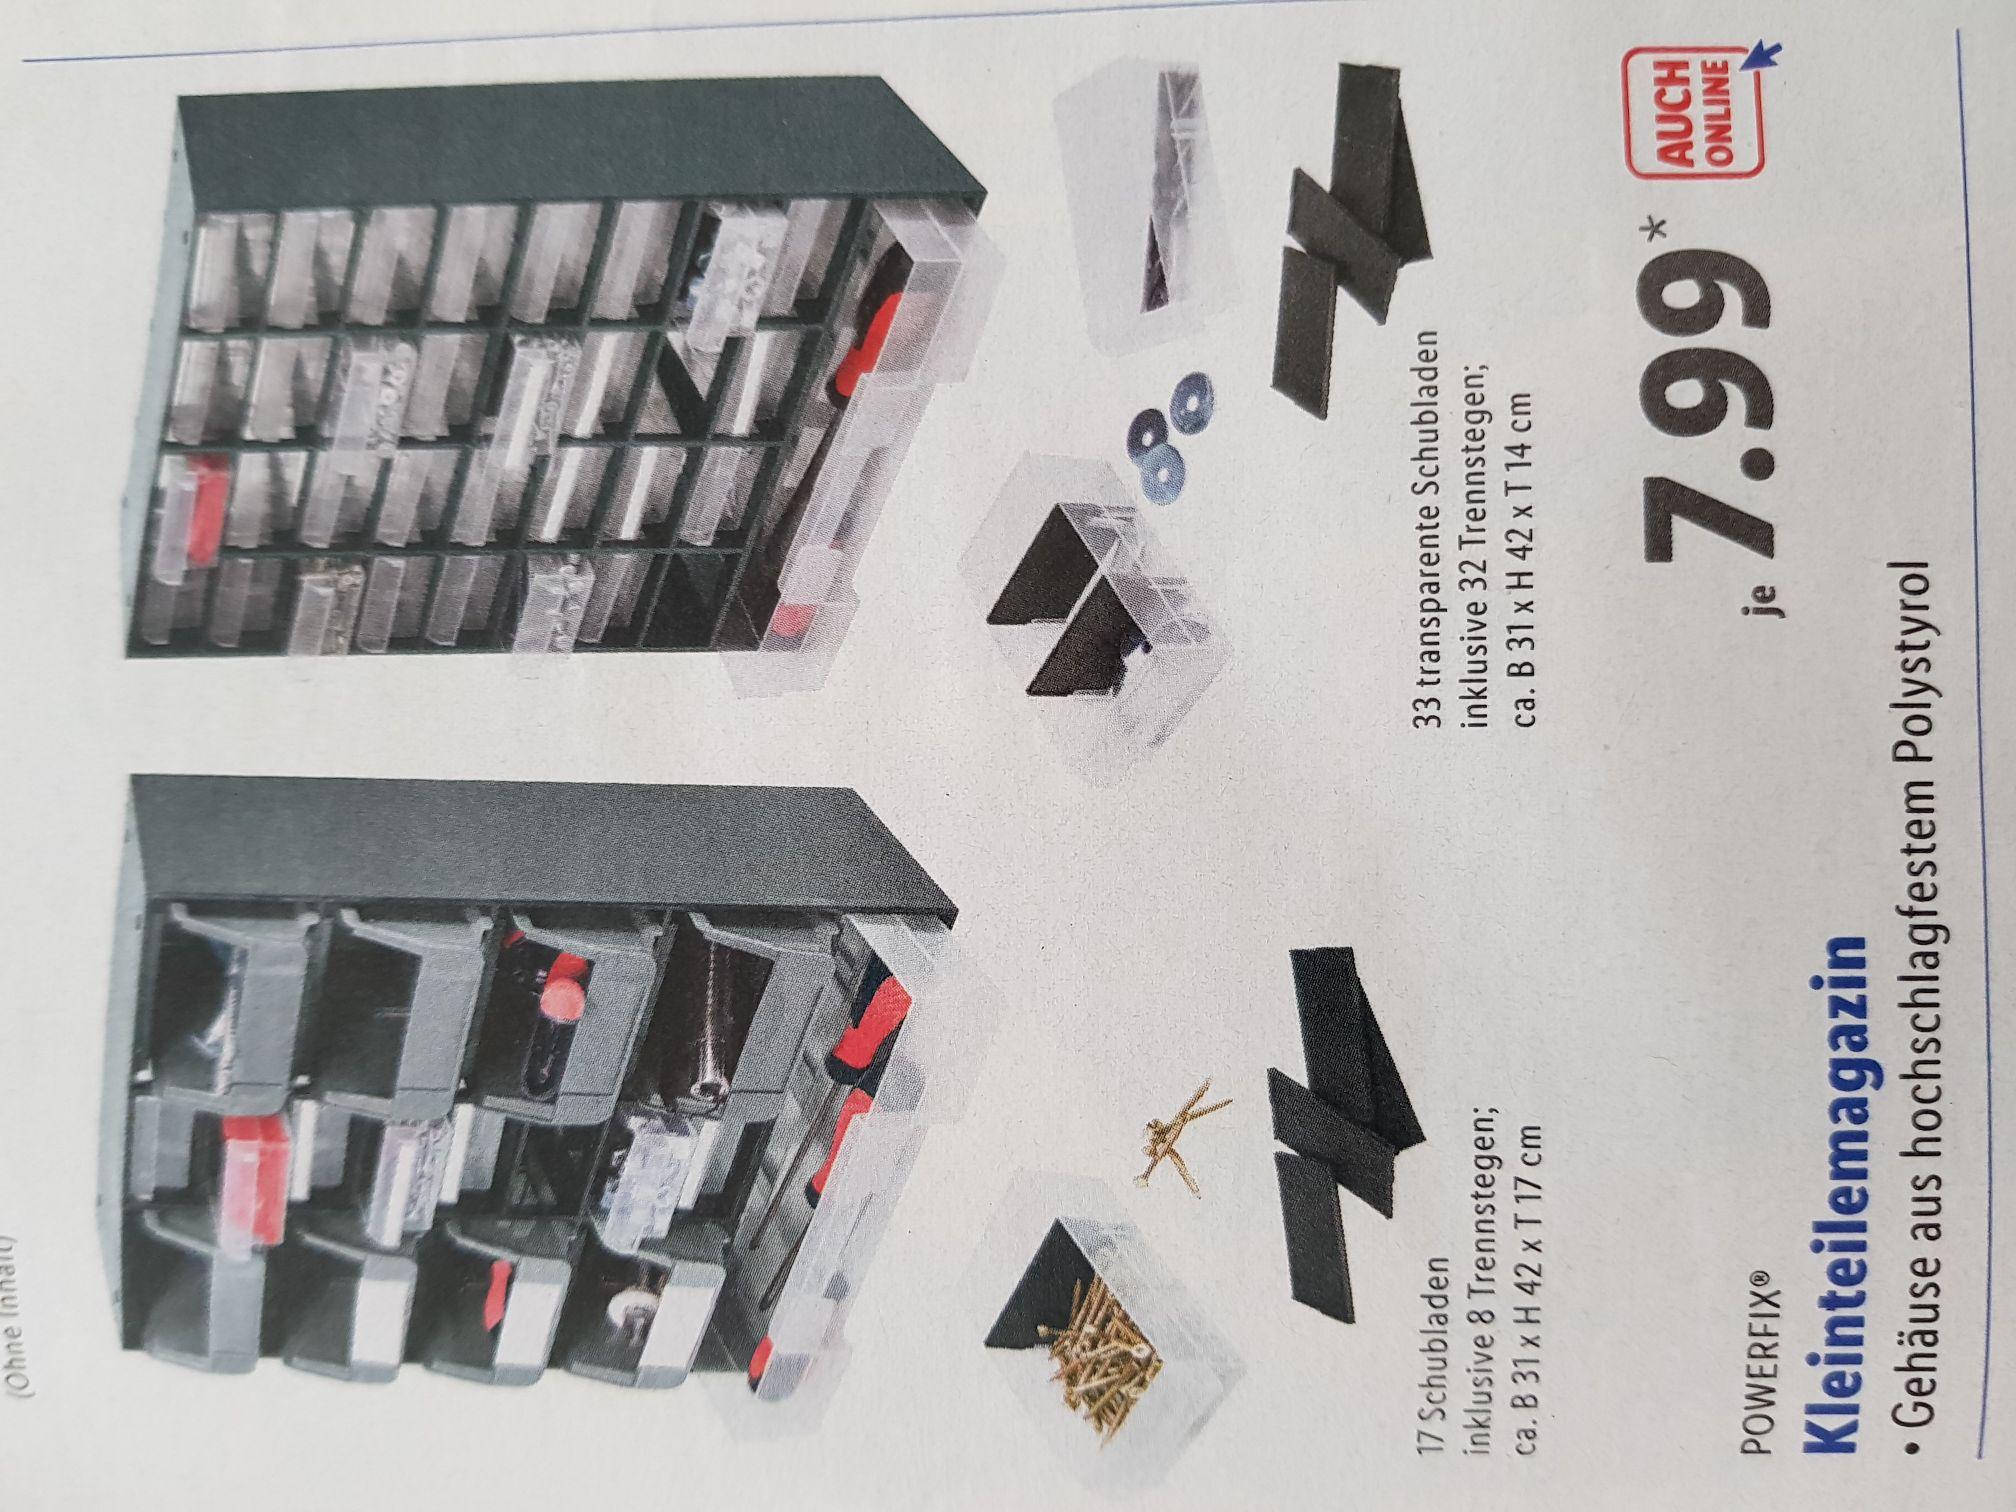 [Lidl] Kleinteilmagazin mit 17 oder 33 Schubladen